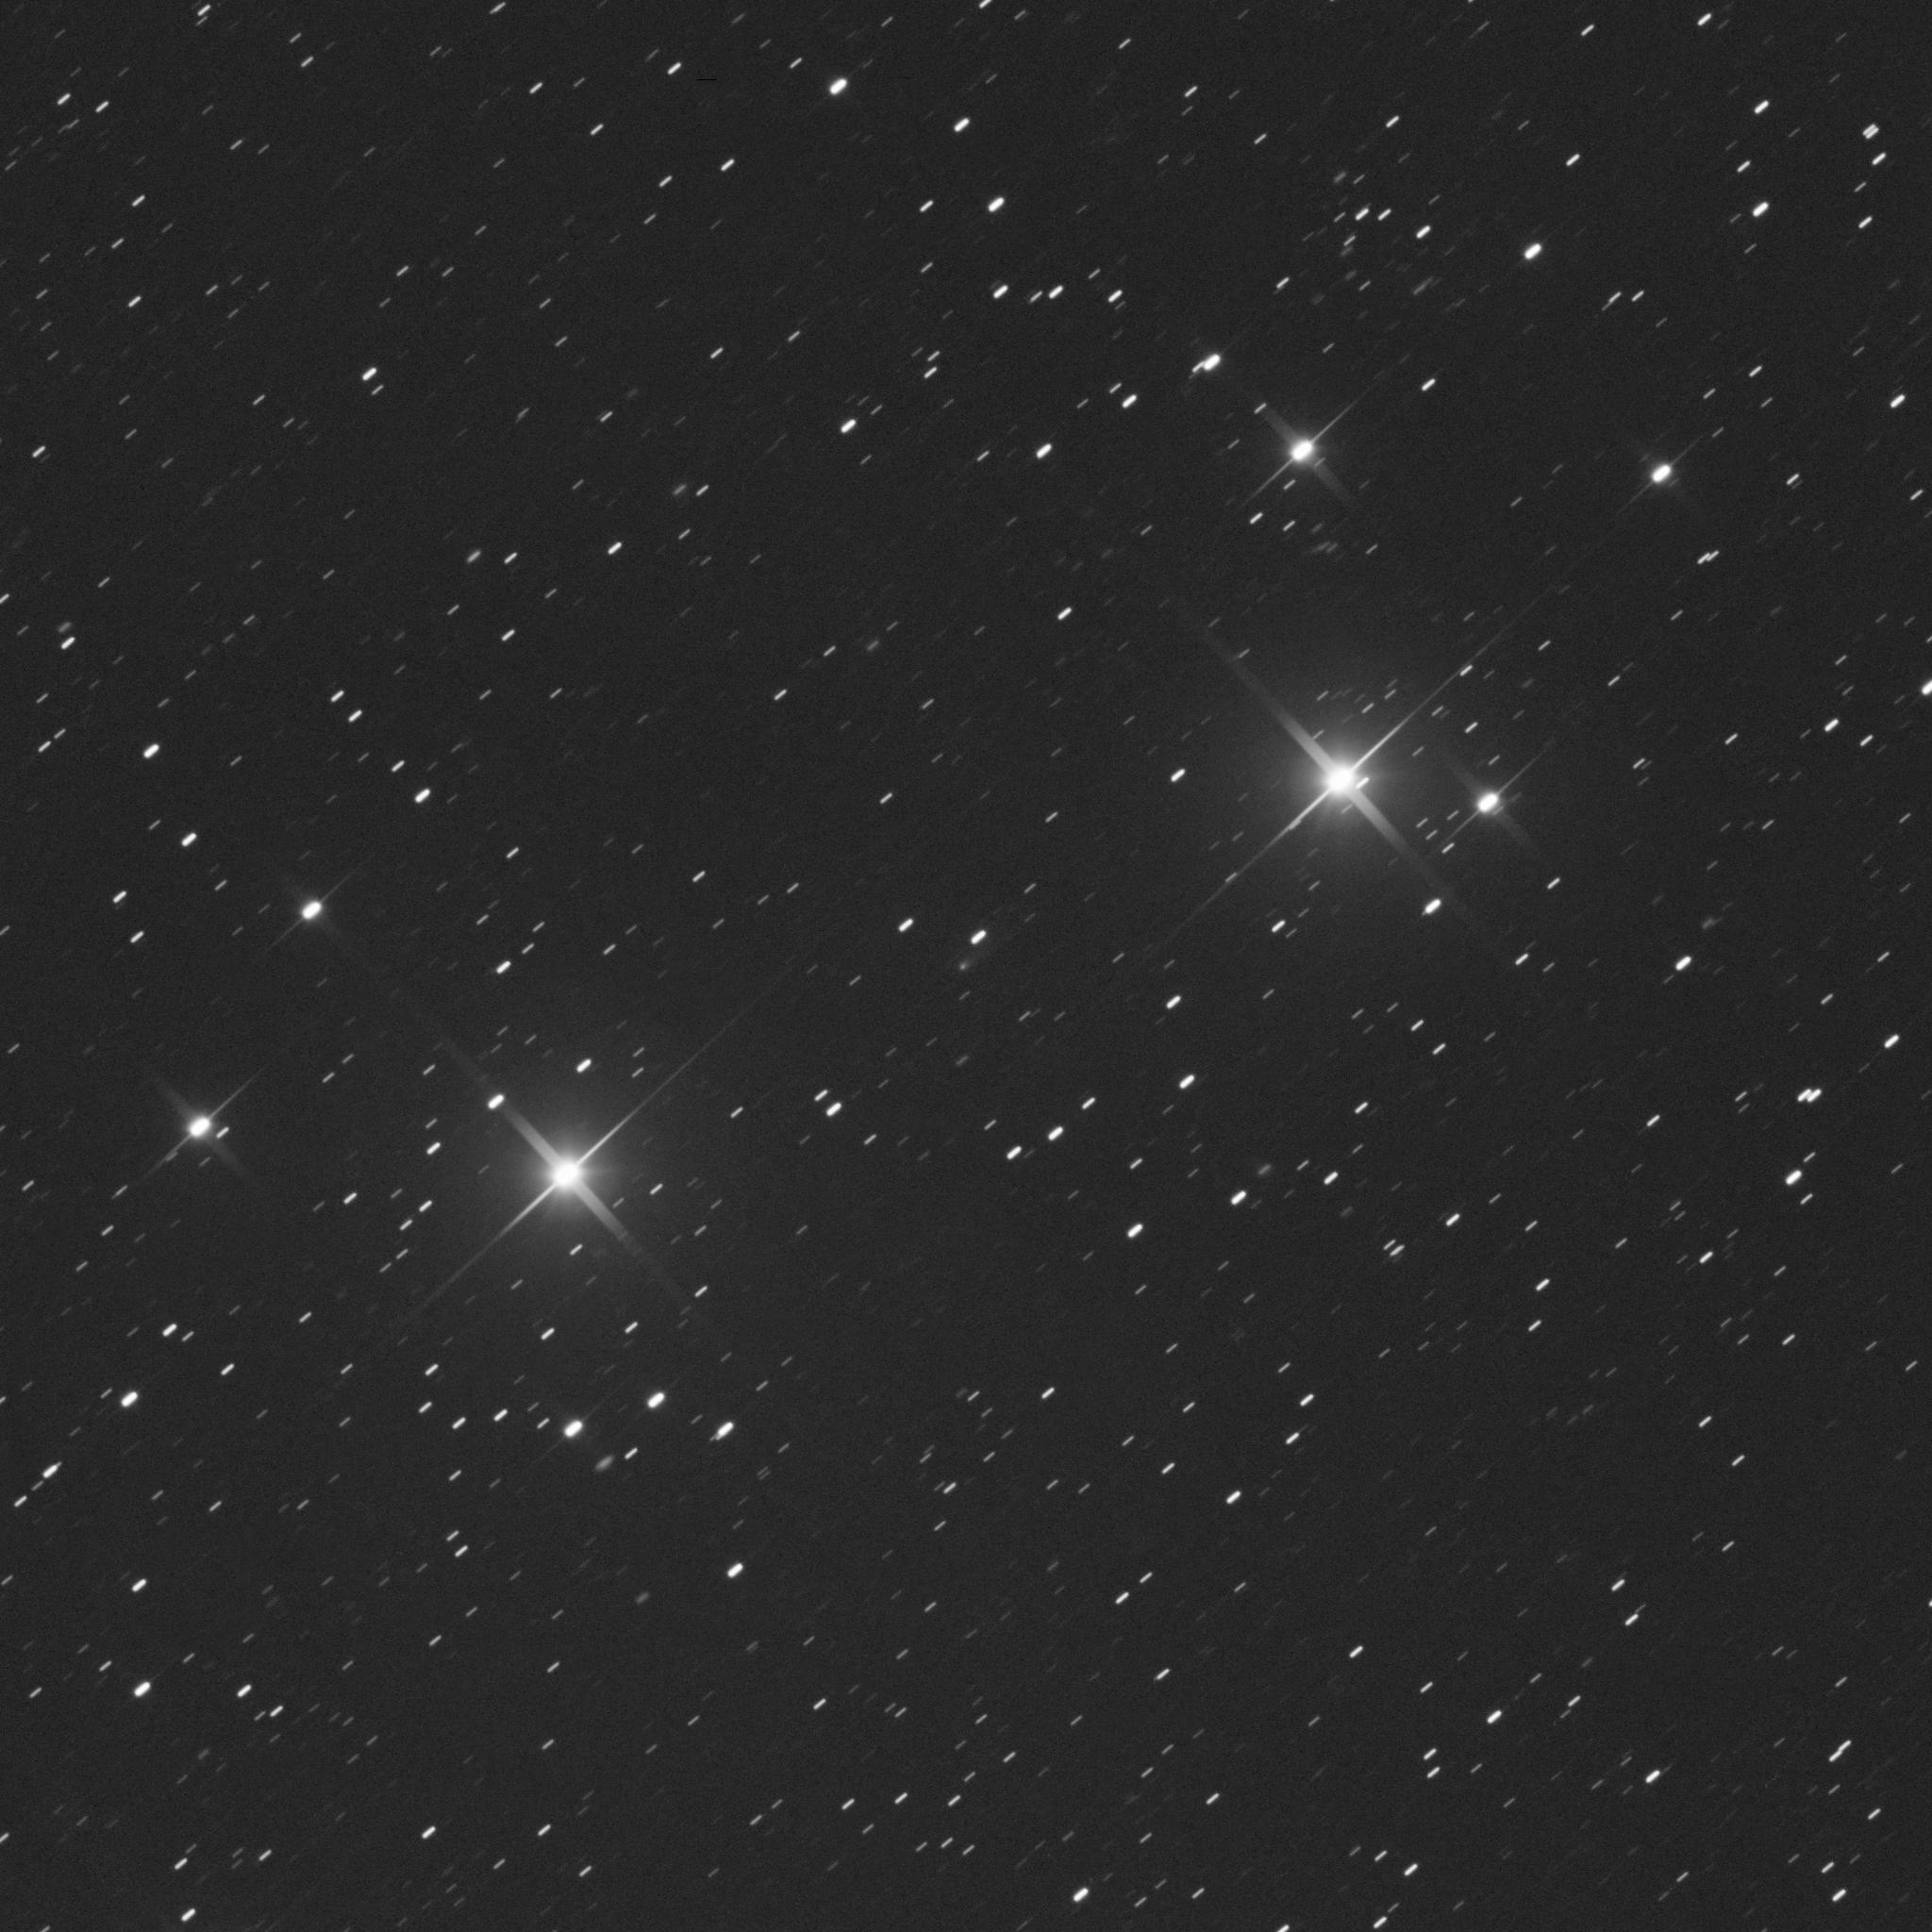 Comet C/2019 Q4 - Martin Nischang